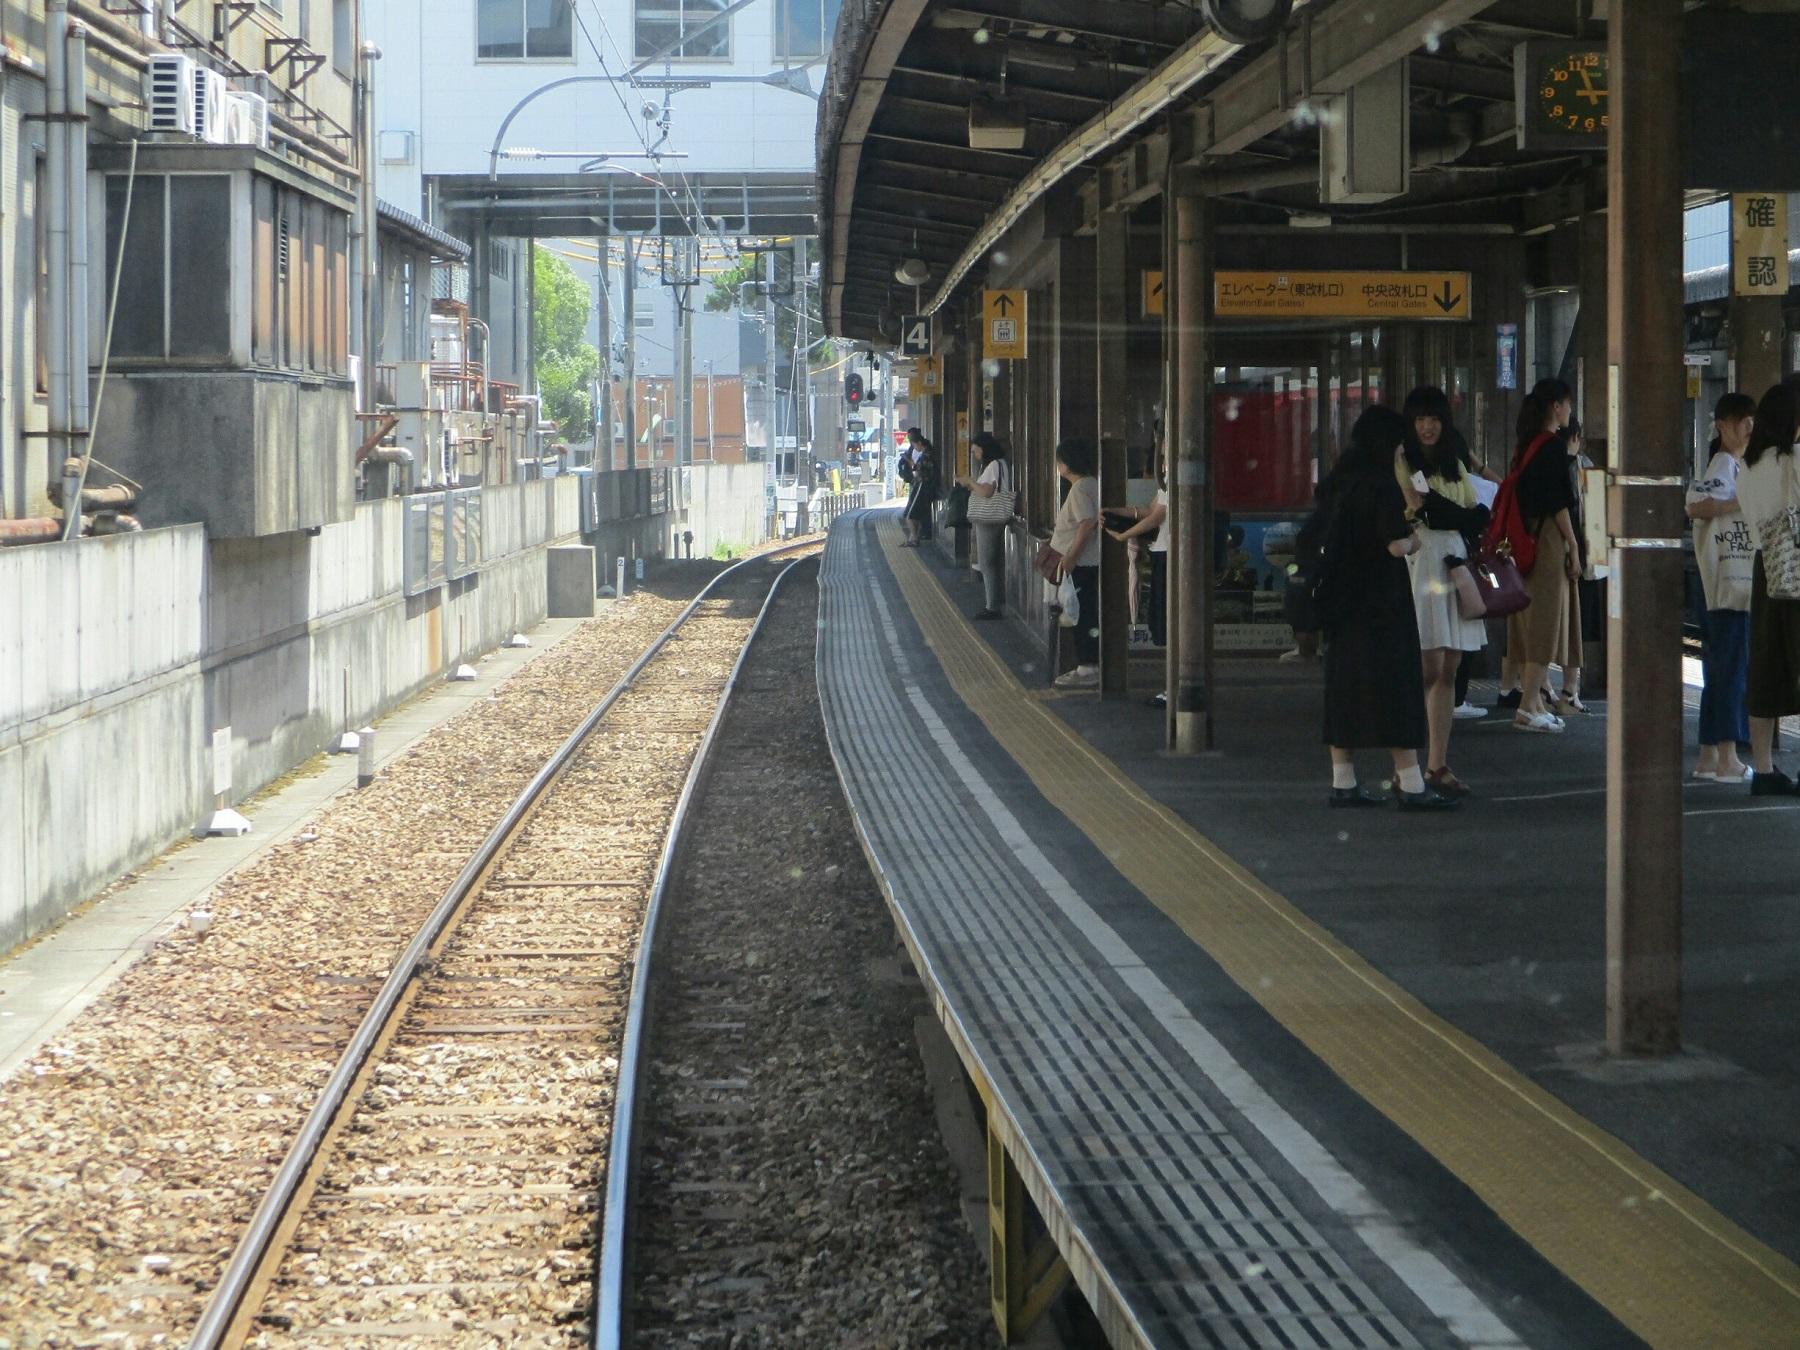 2018.7.31 (11) 東岡崎いきふつう - 東岡崎 1800-1350